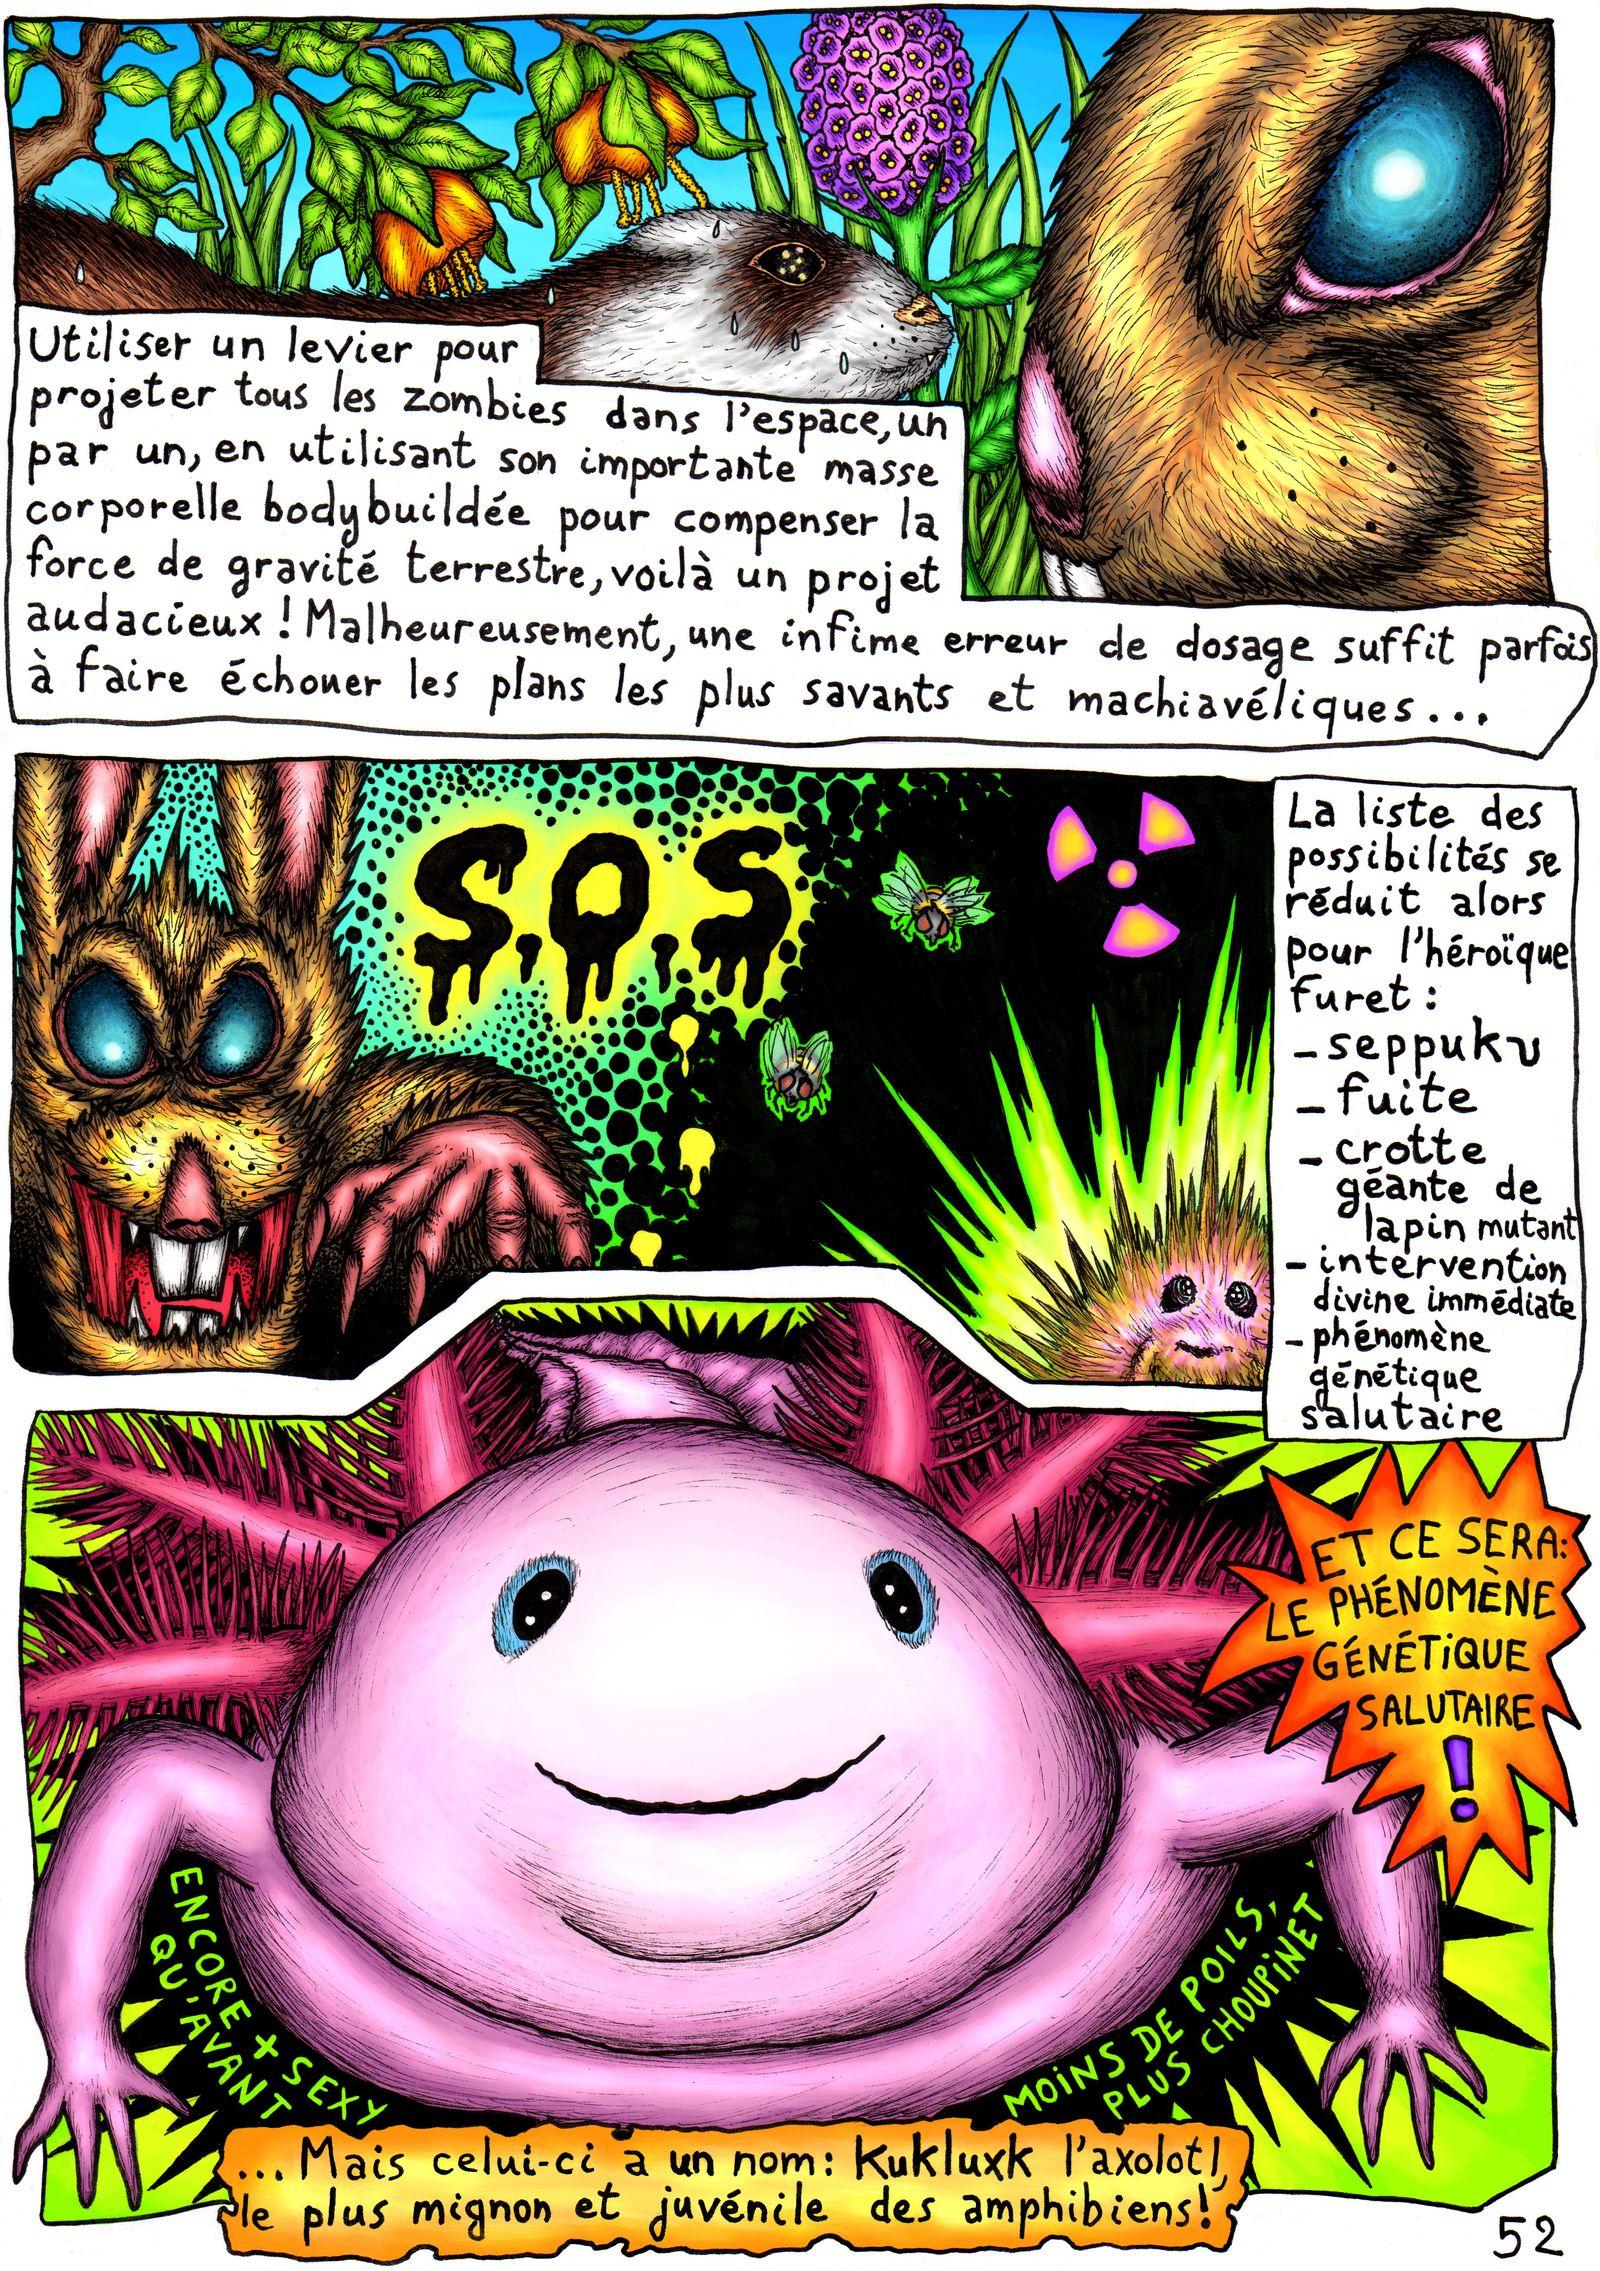 Kukluxk, la mutation du rongeur à l'axolotl